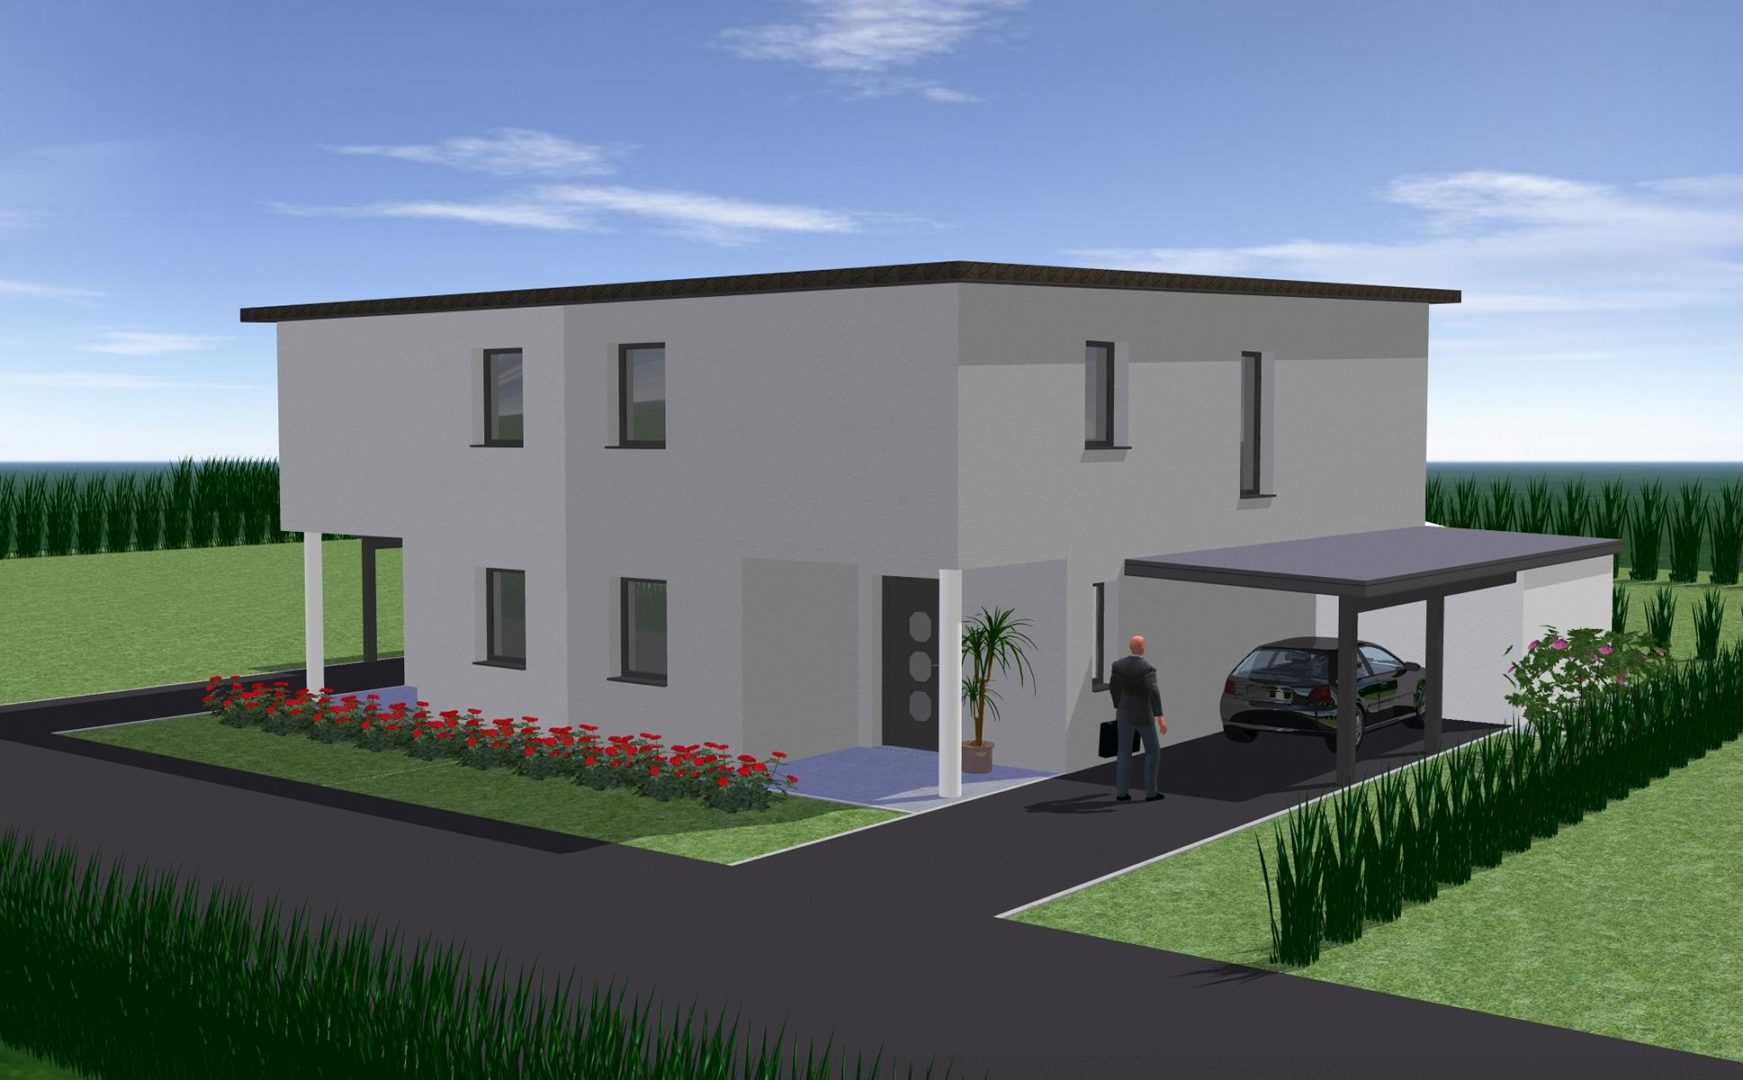 Projekt: Doppelhäuser in Feldkirchen